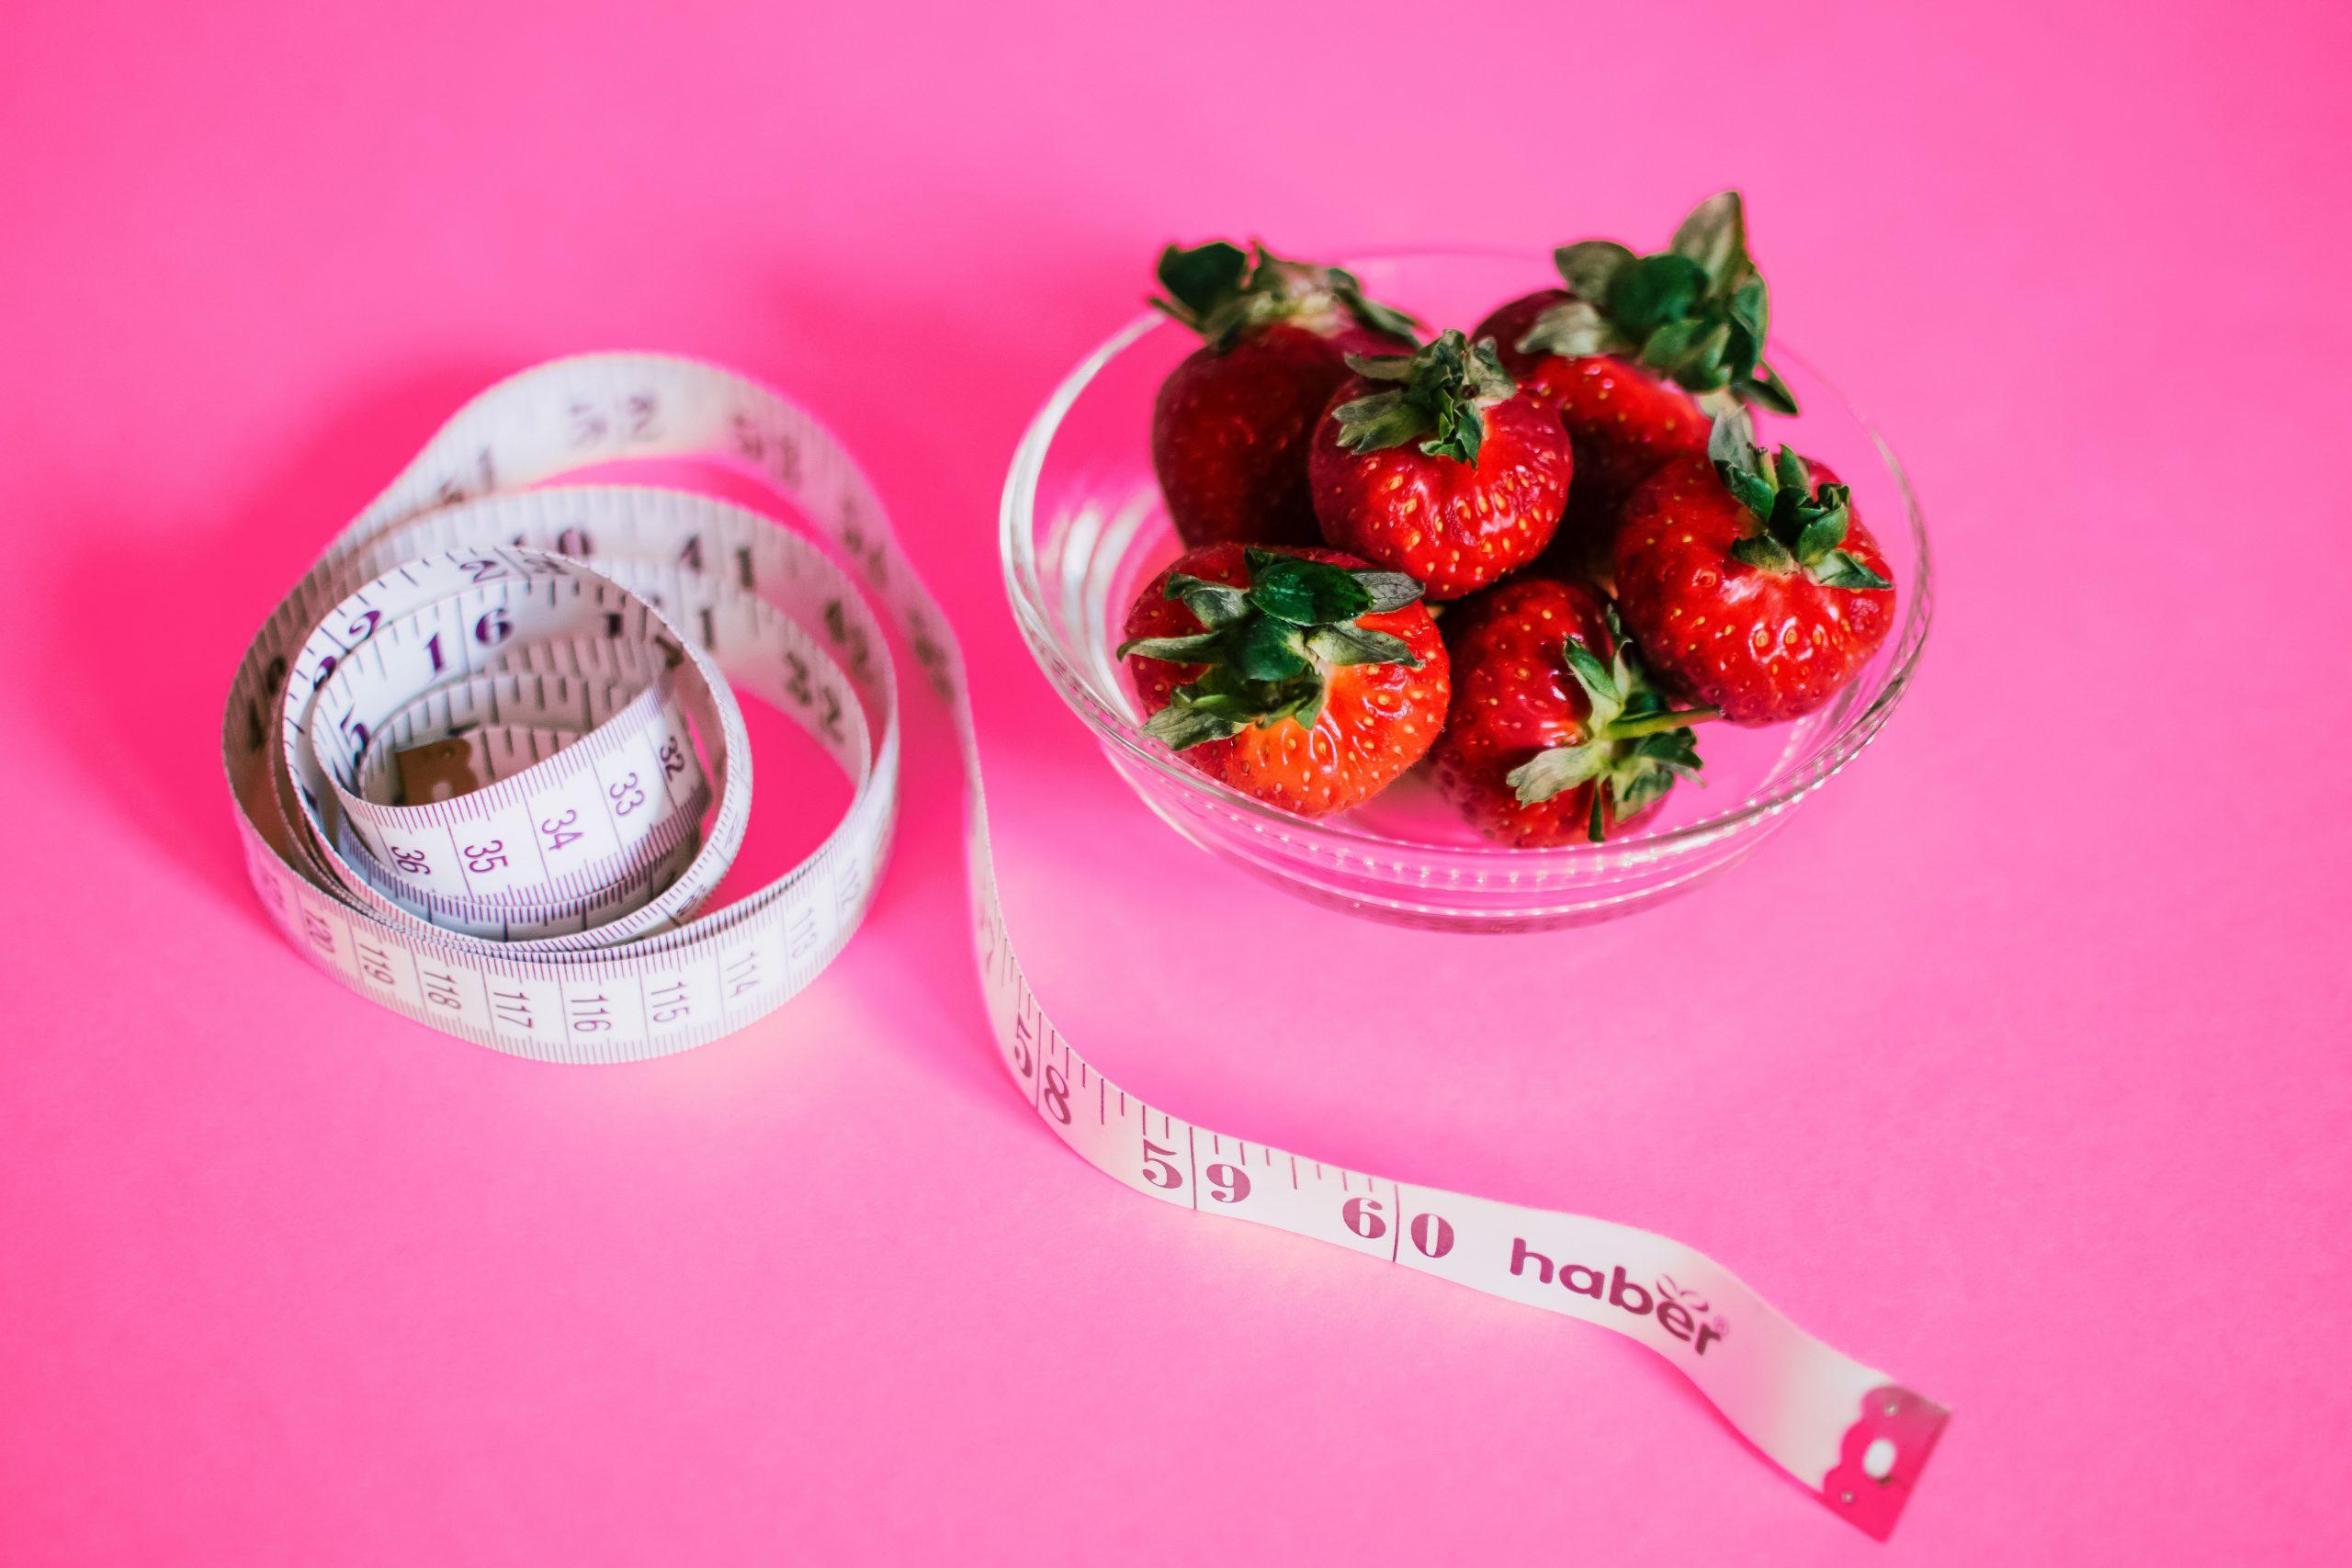 ¿Cómo decidirte a realizar ejercicio y formar hábitos saludables?